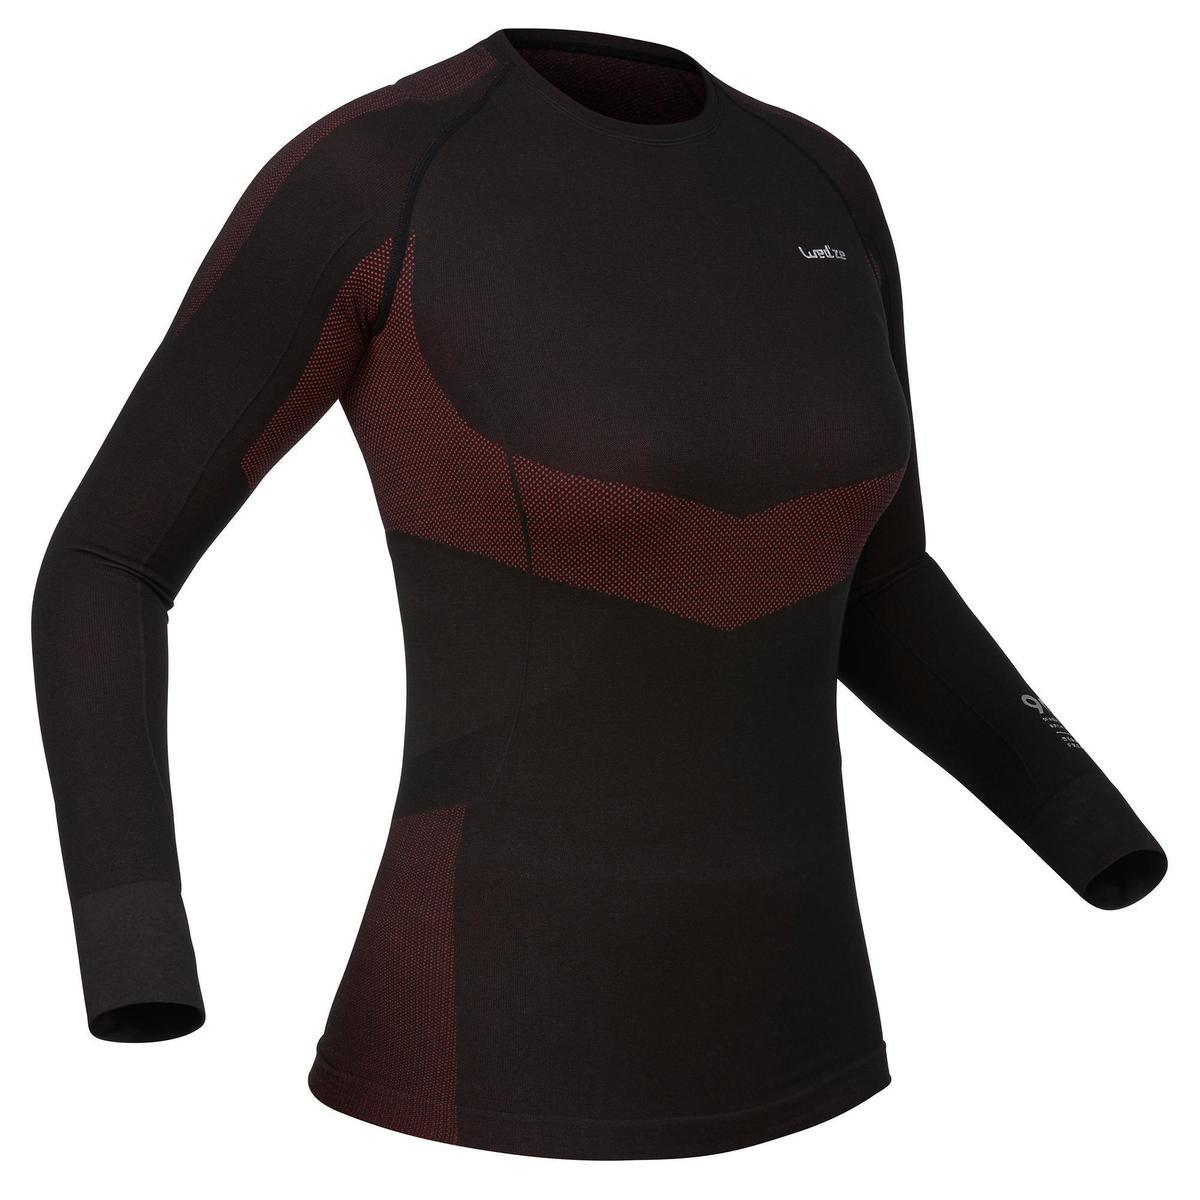 Bild 1 von Skiunterwäsche Funktionsshirt 900 Damen schwarz rosa